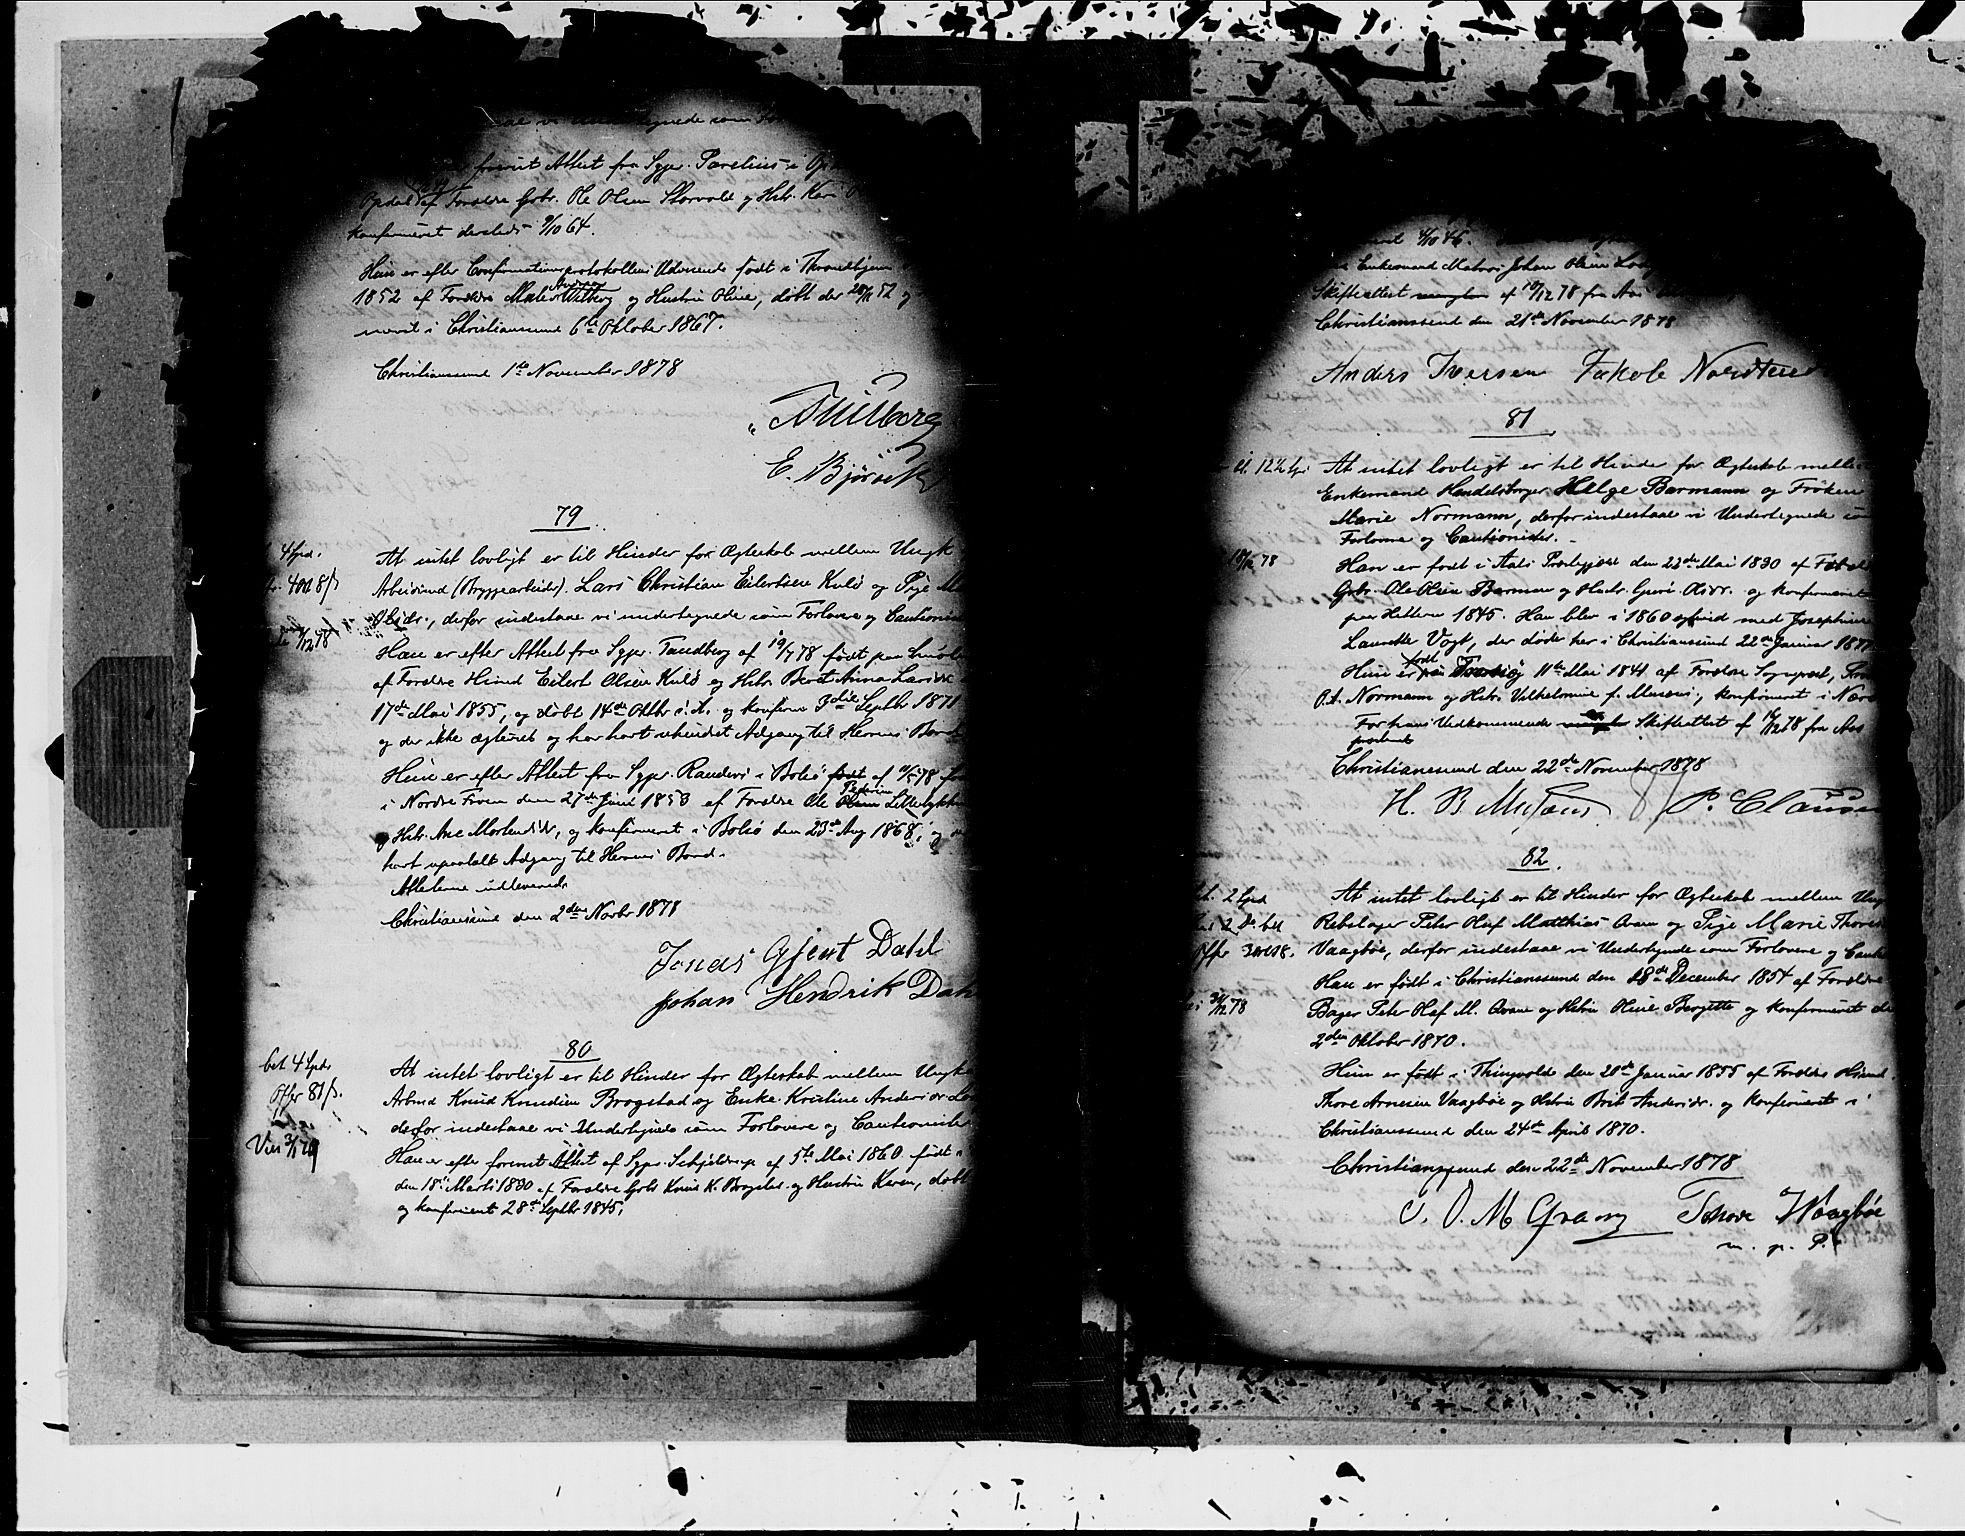 SAT, Arkivreferanse ukjent*, Forlovererklæringer nr. 19, 1875-1881, s. 87